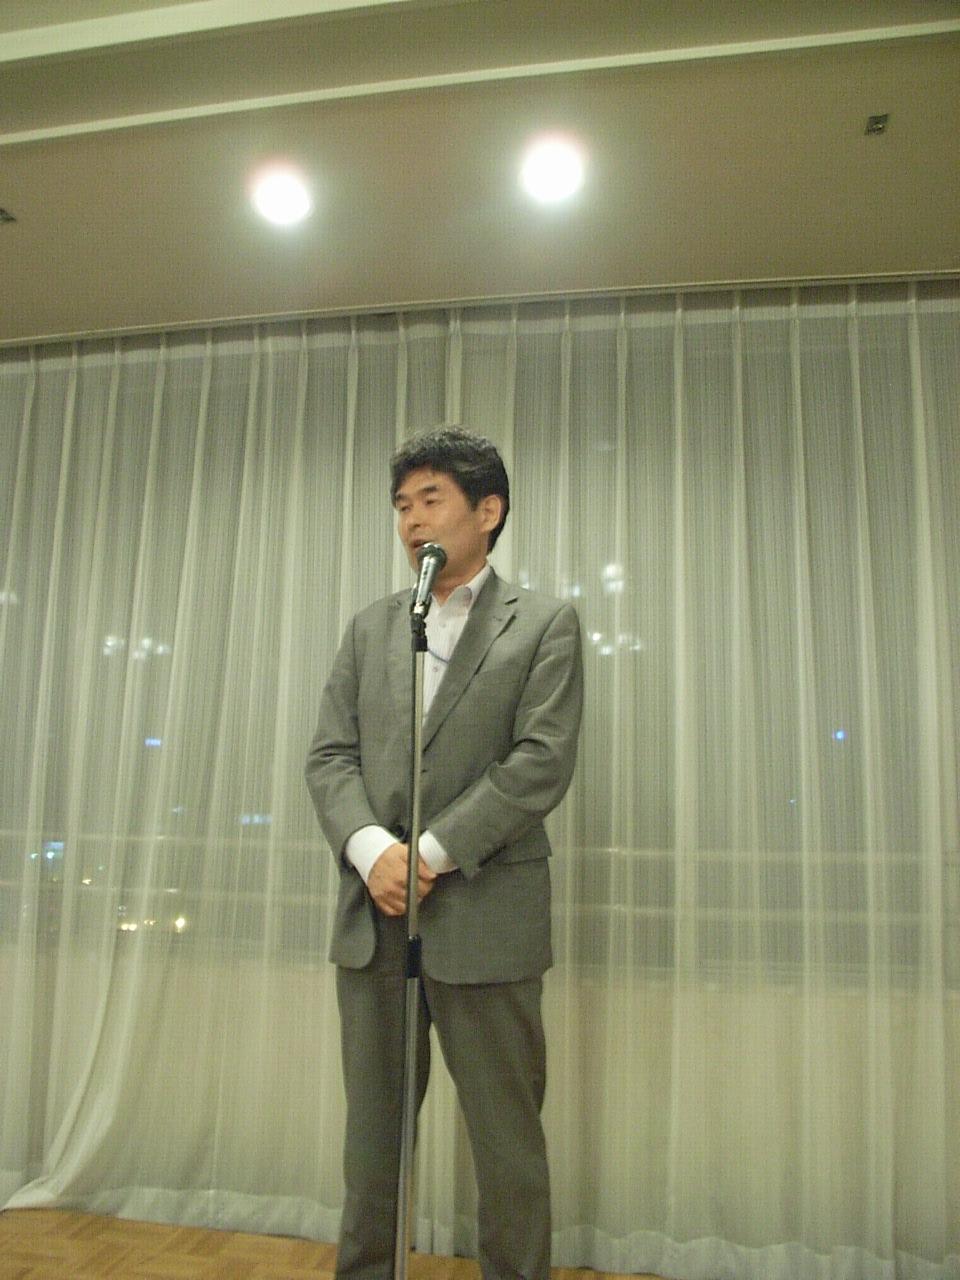 平成25年6月29日(土) 熊本県支部総会・懇親会_f0184133_16335549.jpg